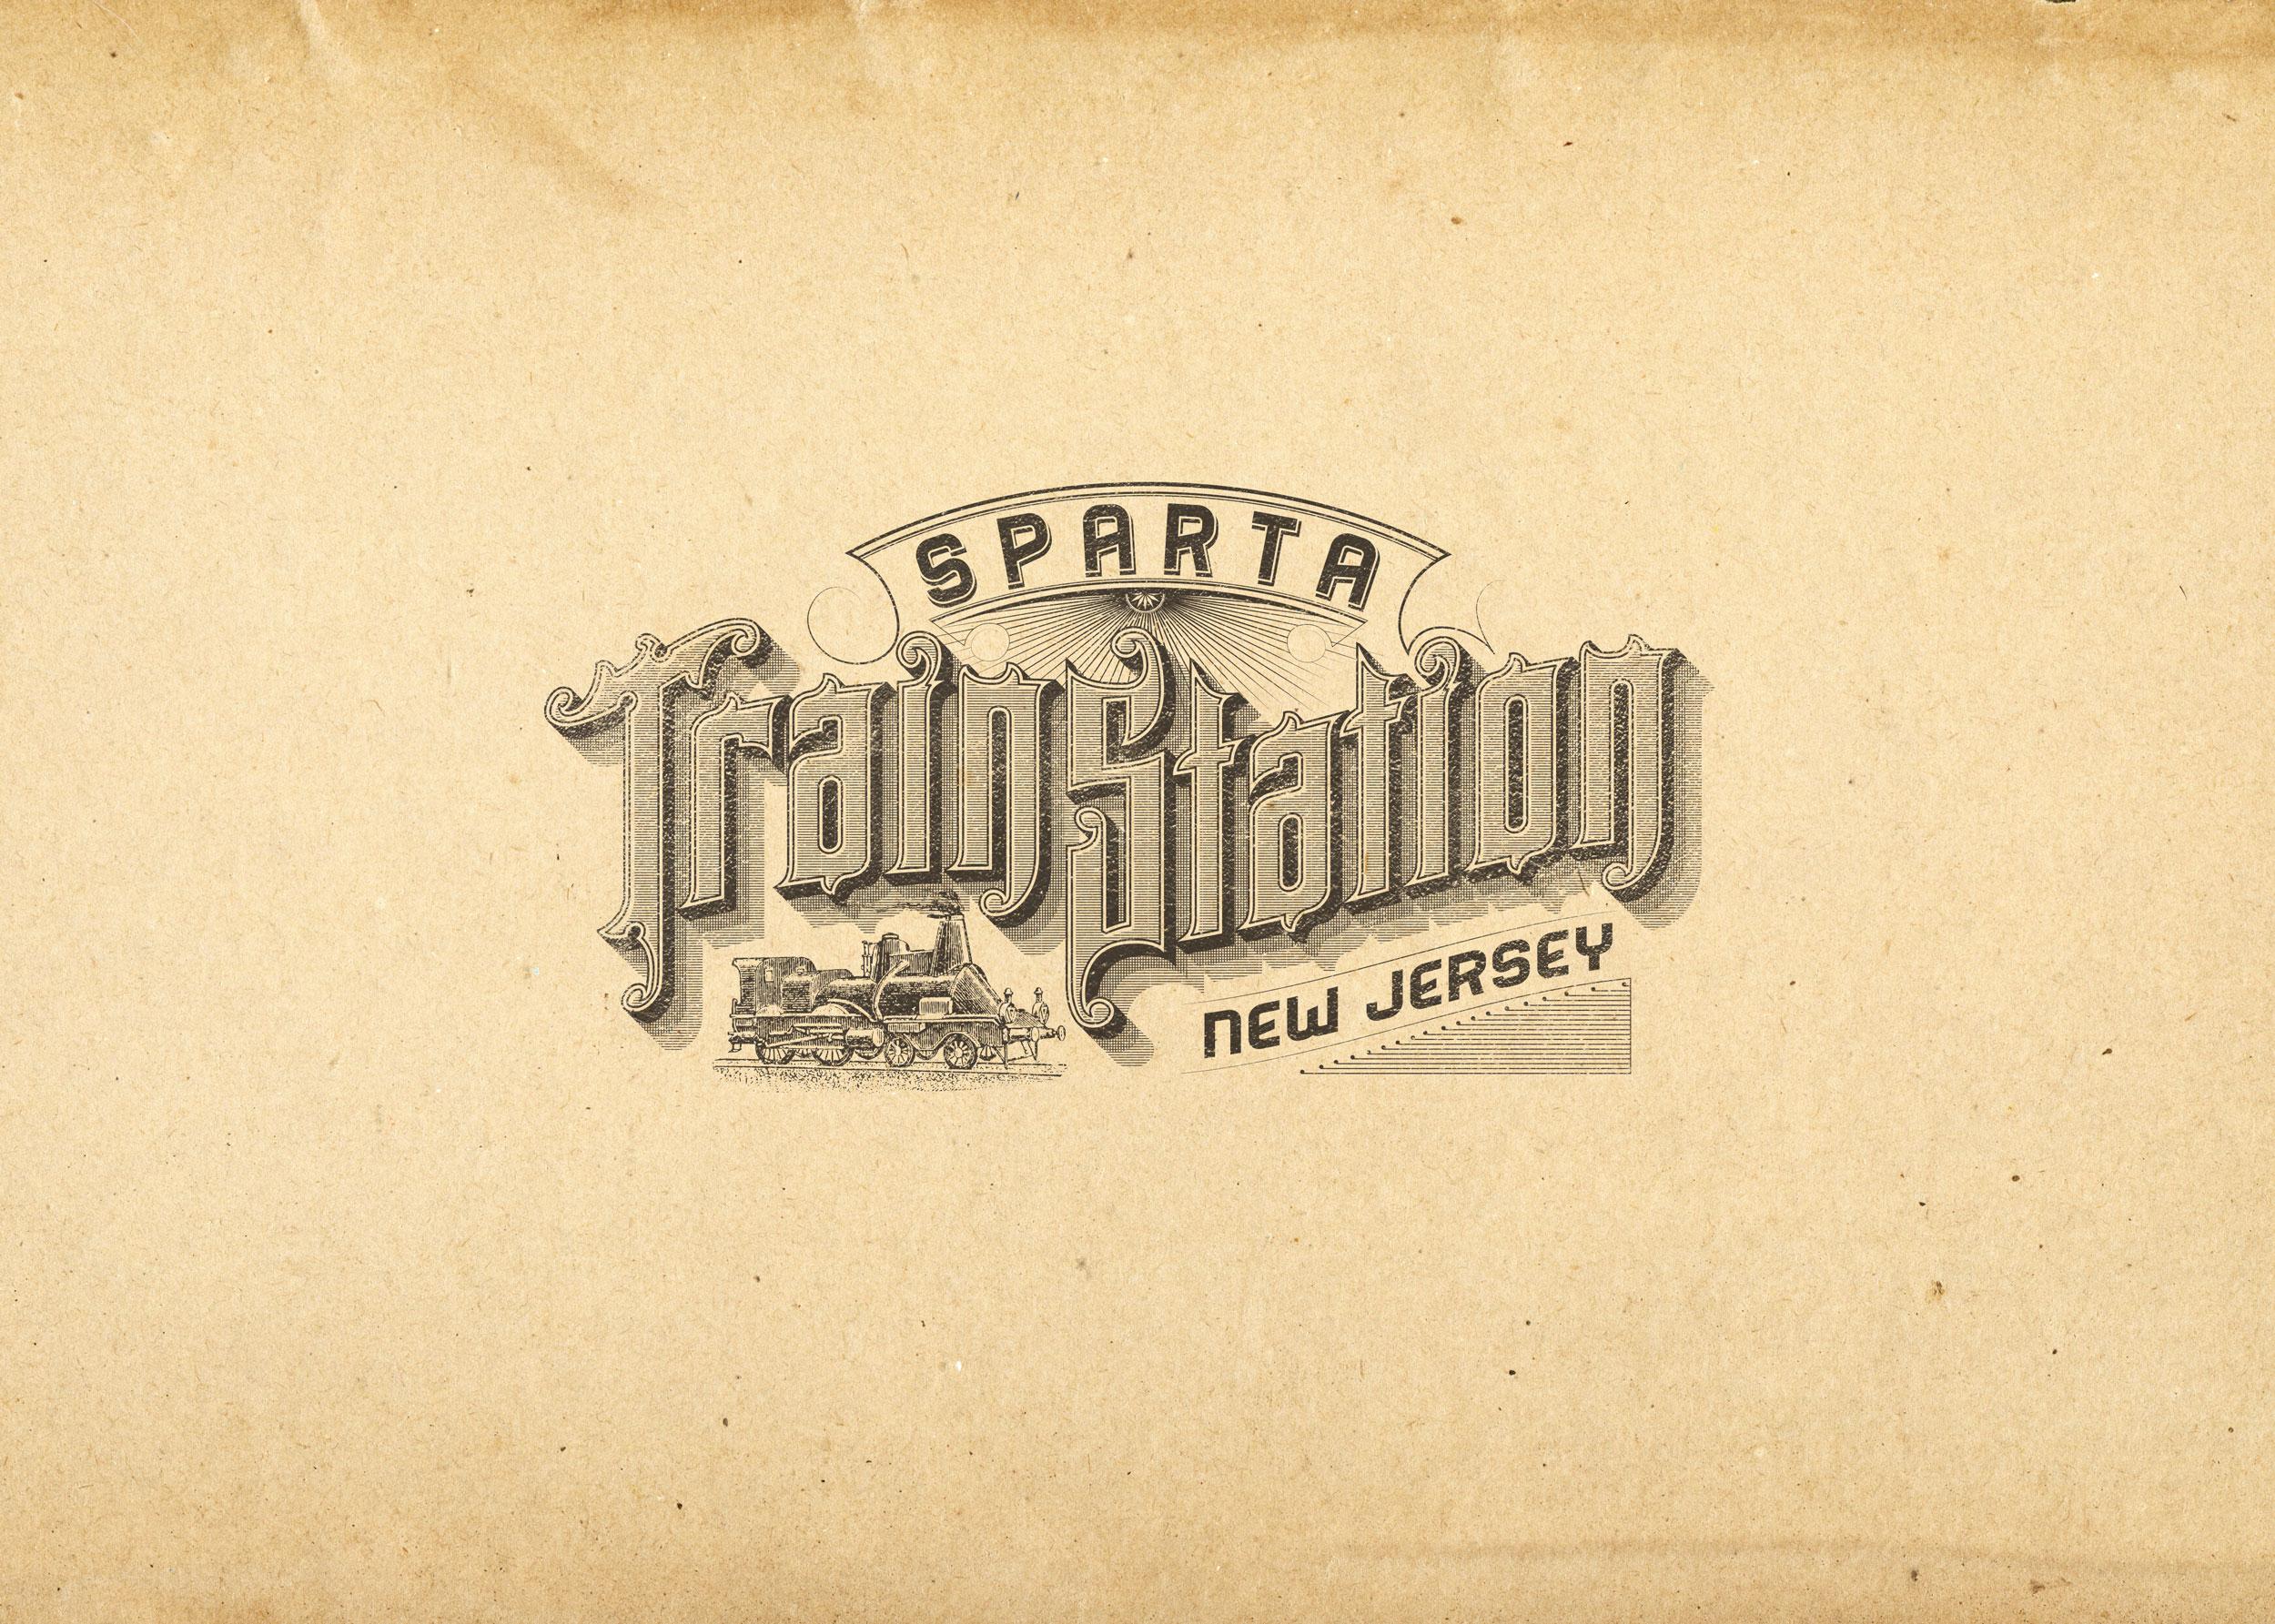 sparta-train-station-banner-2.jpg